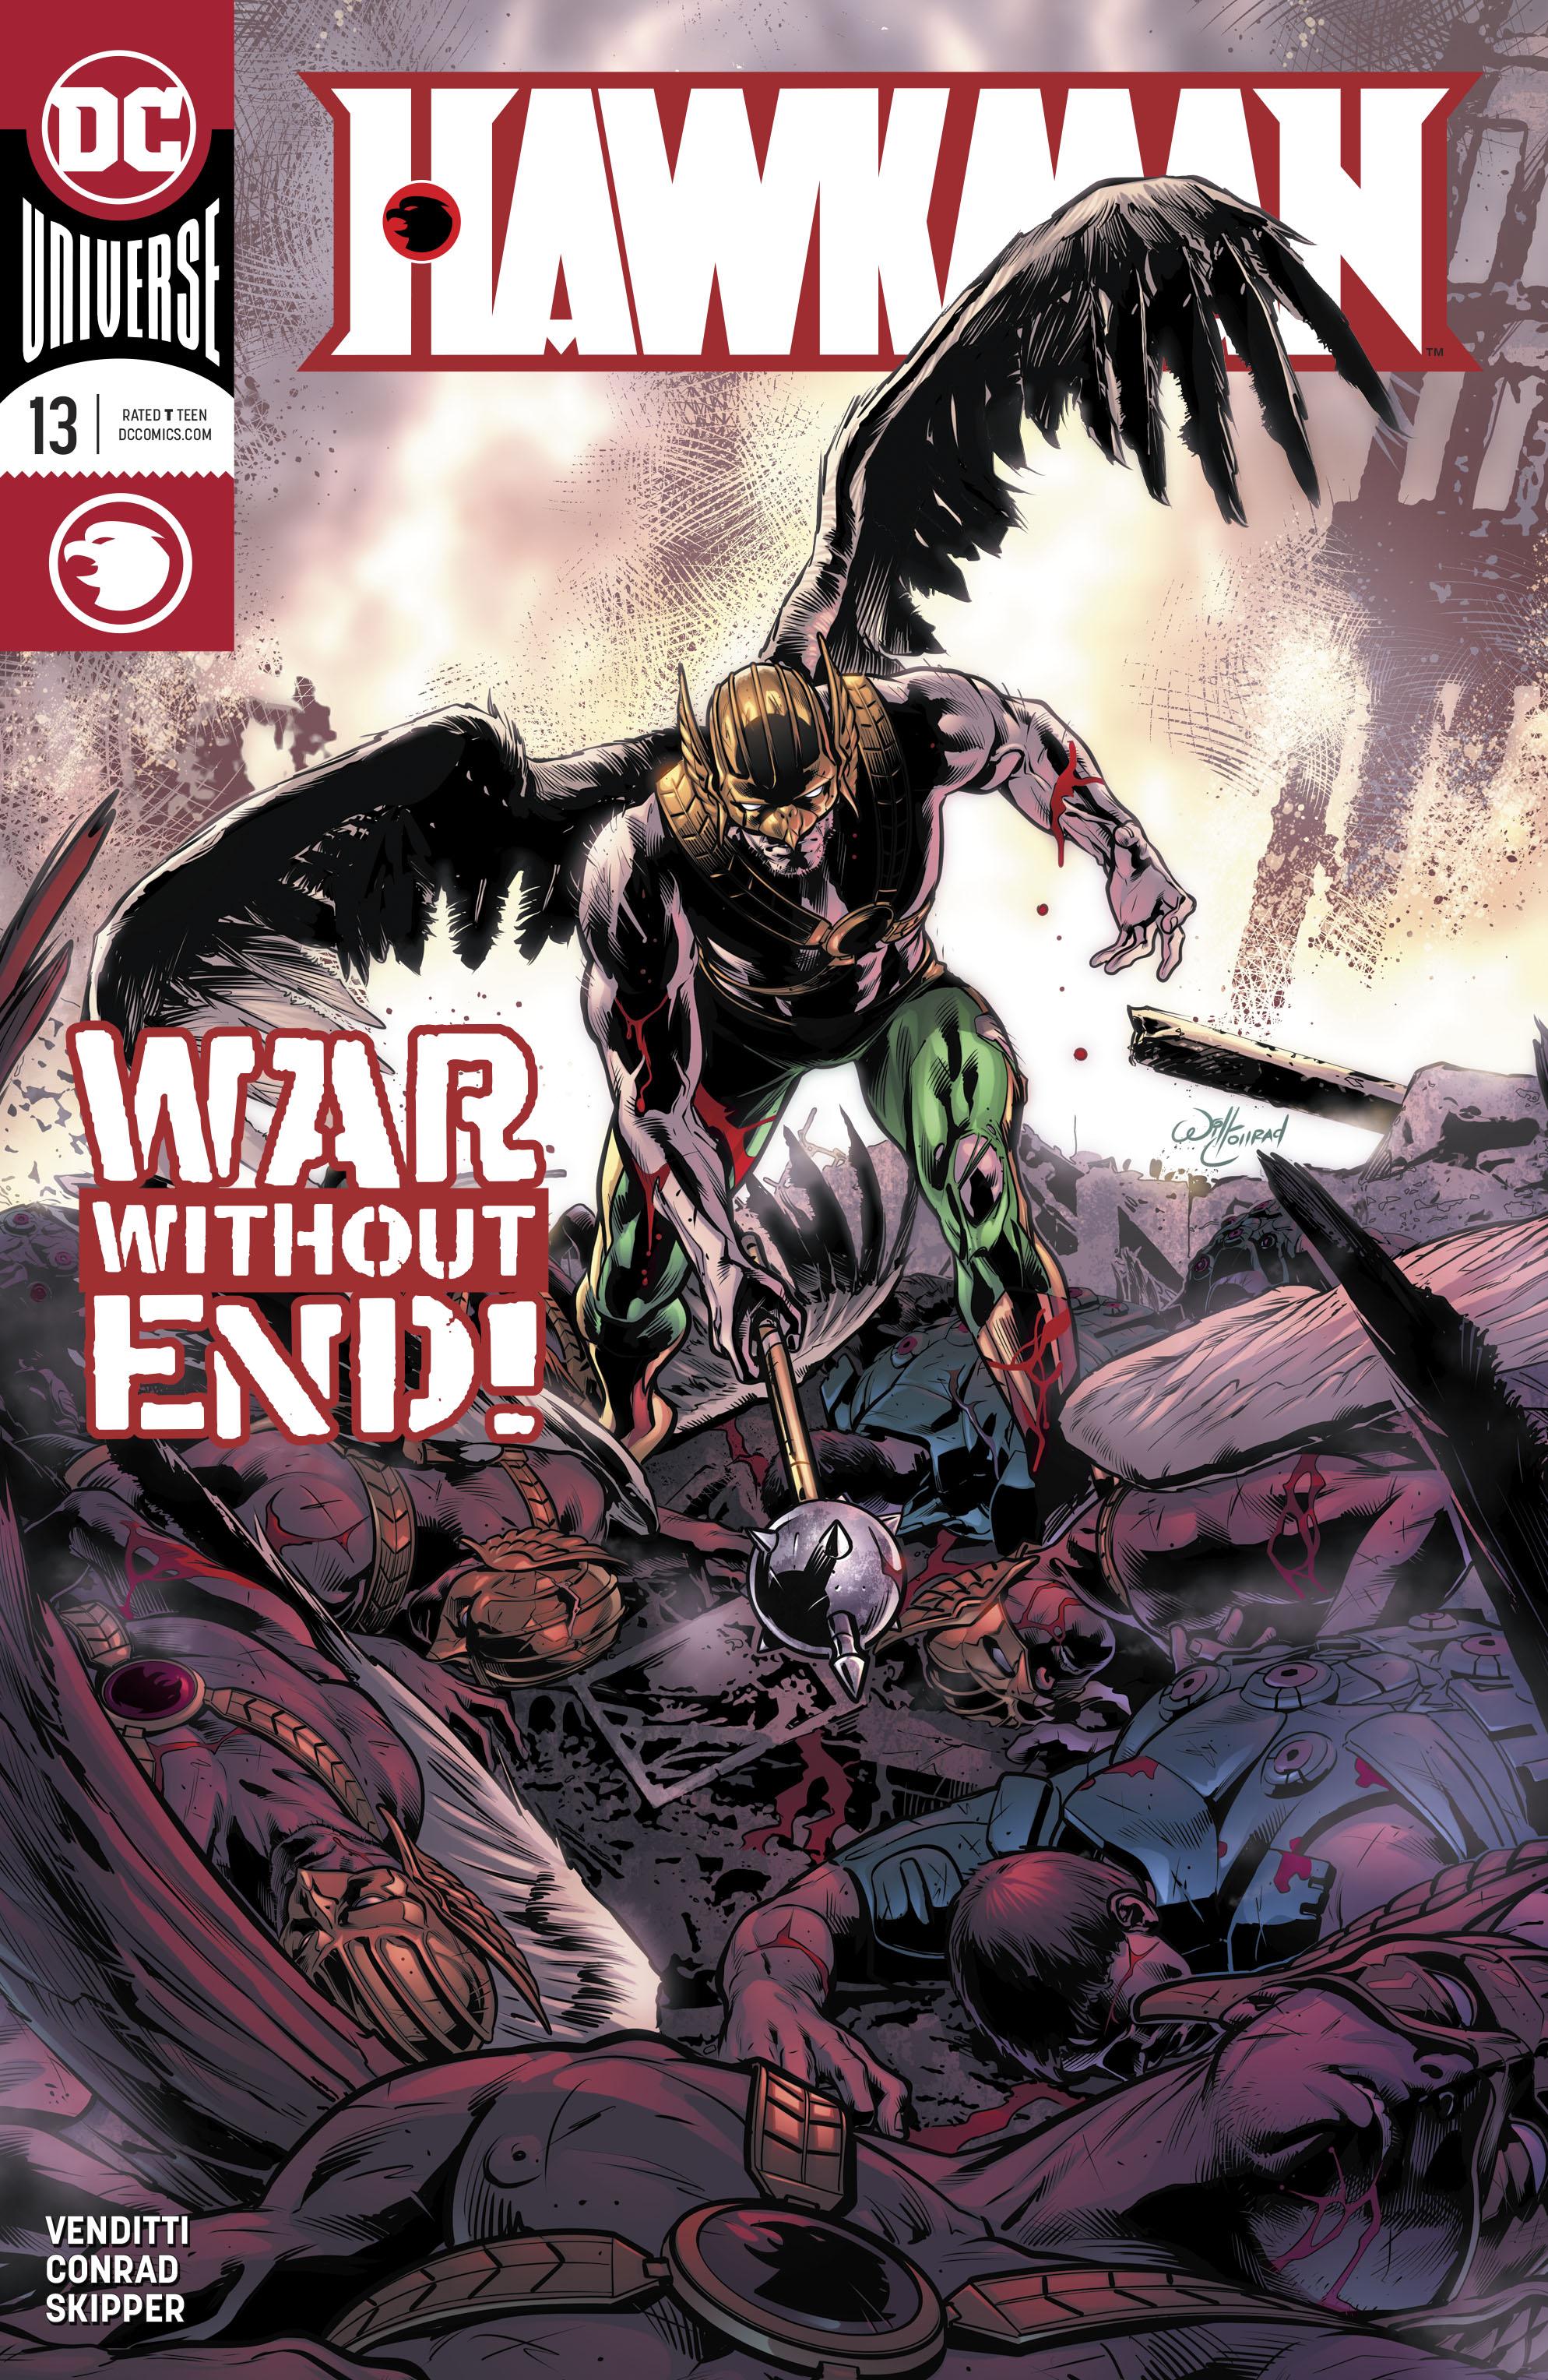 Hawkman Vol 5 13